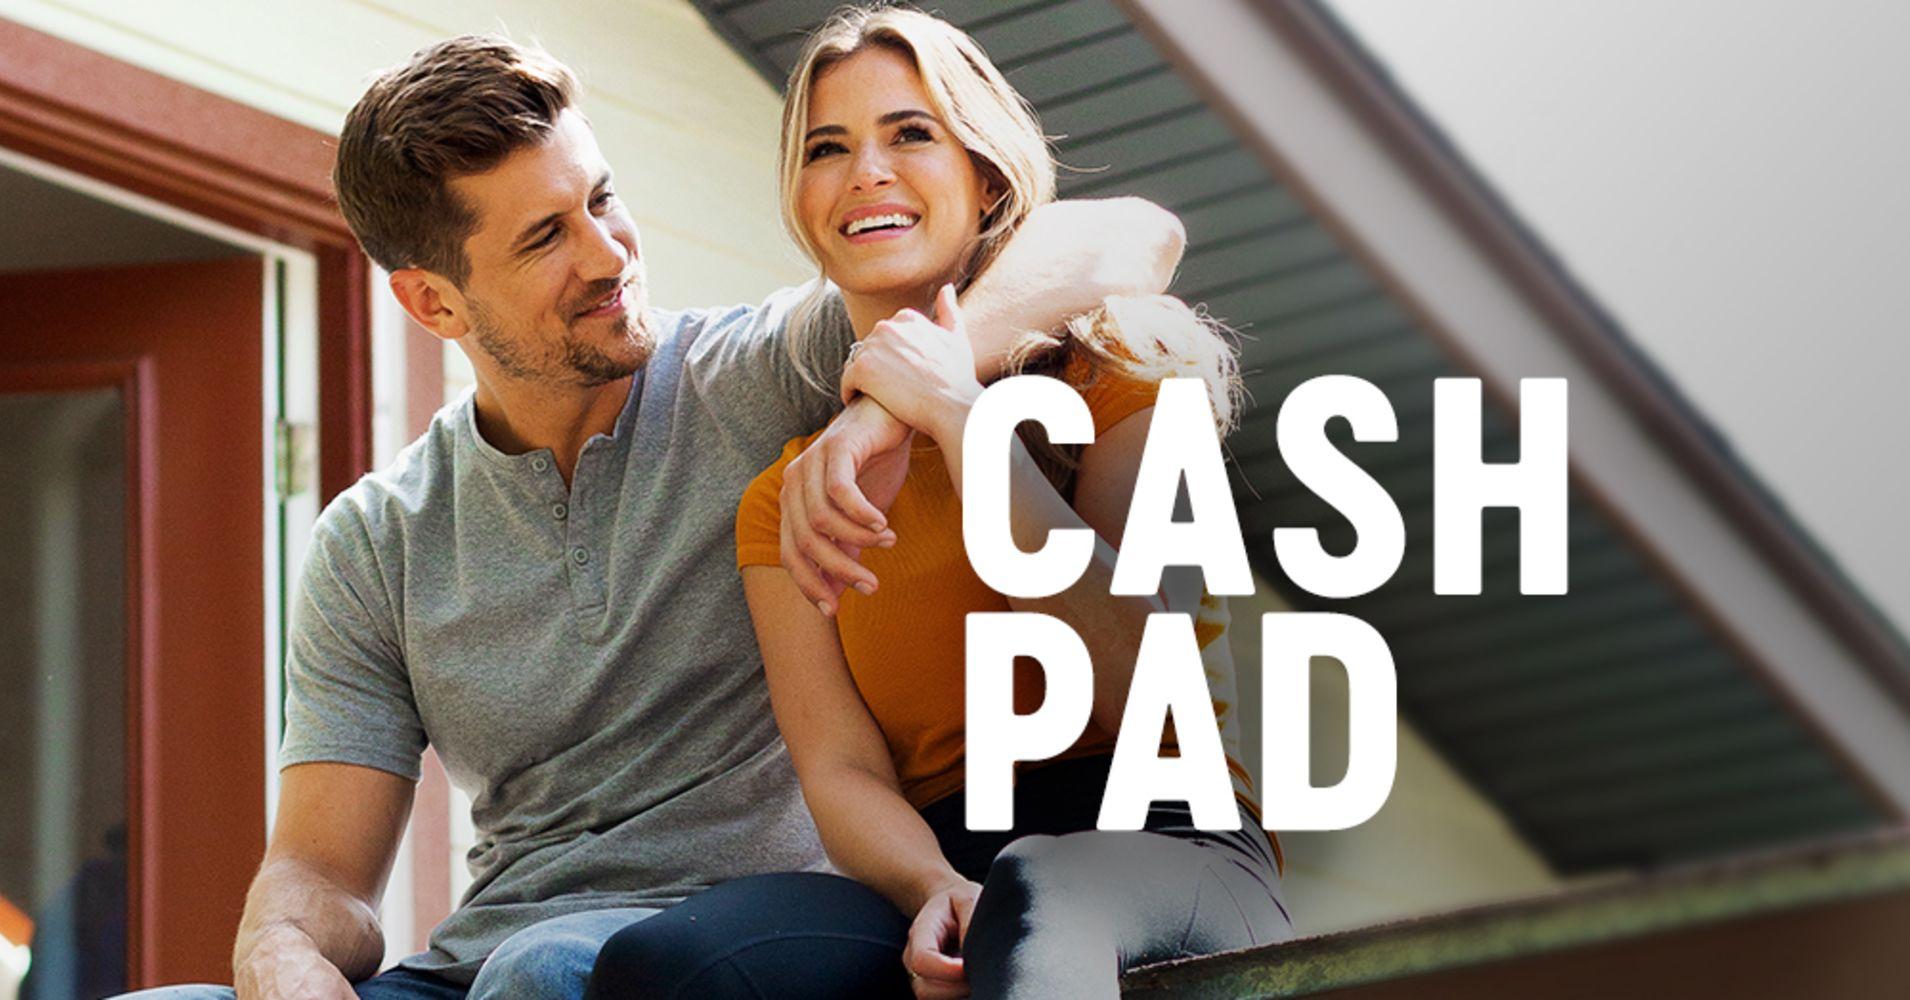 When Will Cash Pad Season 2 Release? CNBC Premiere Date | TV